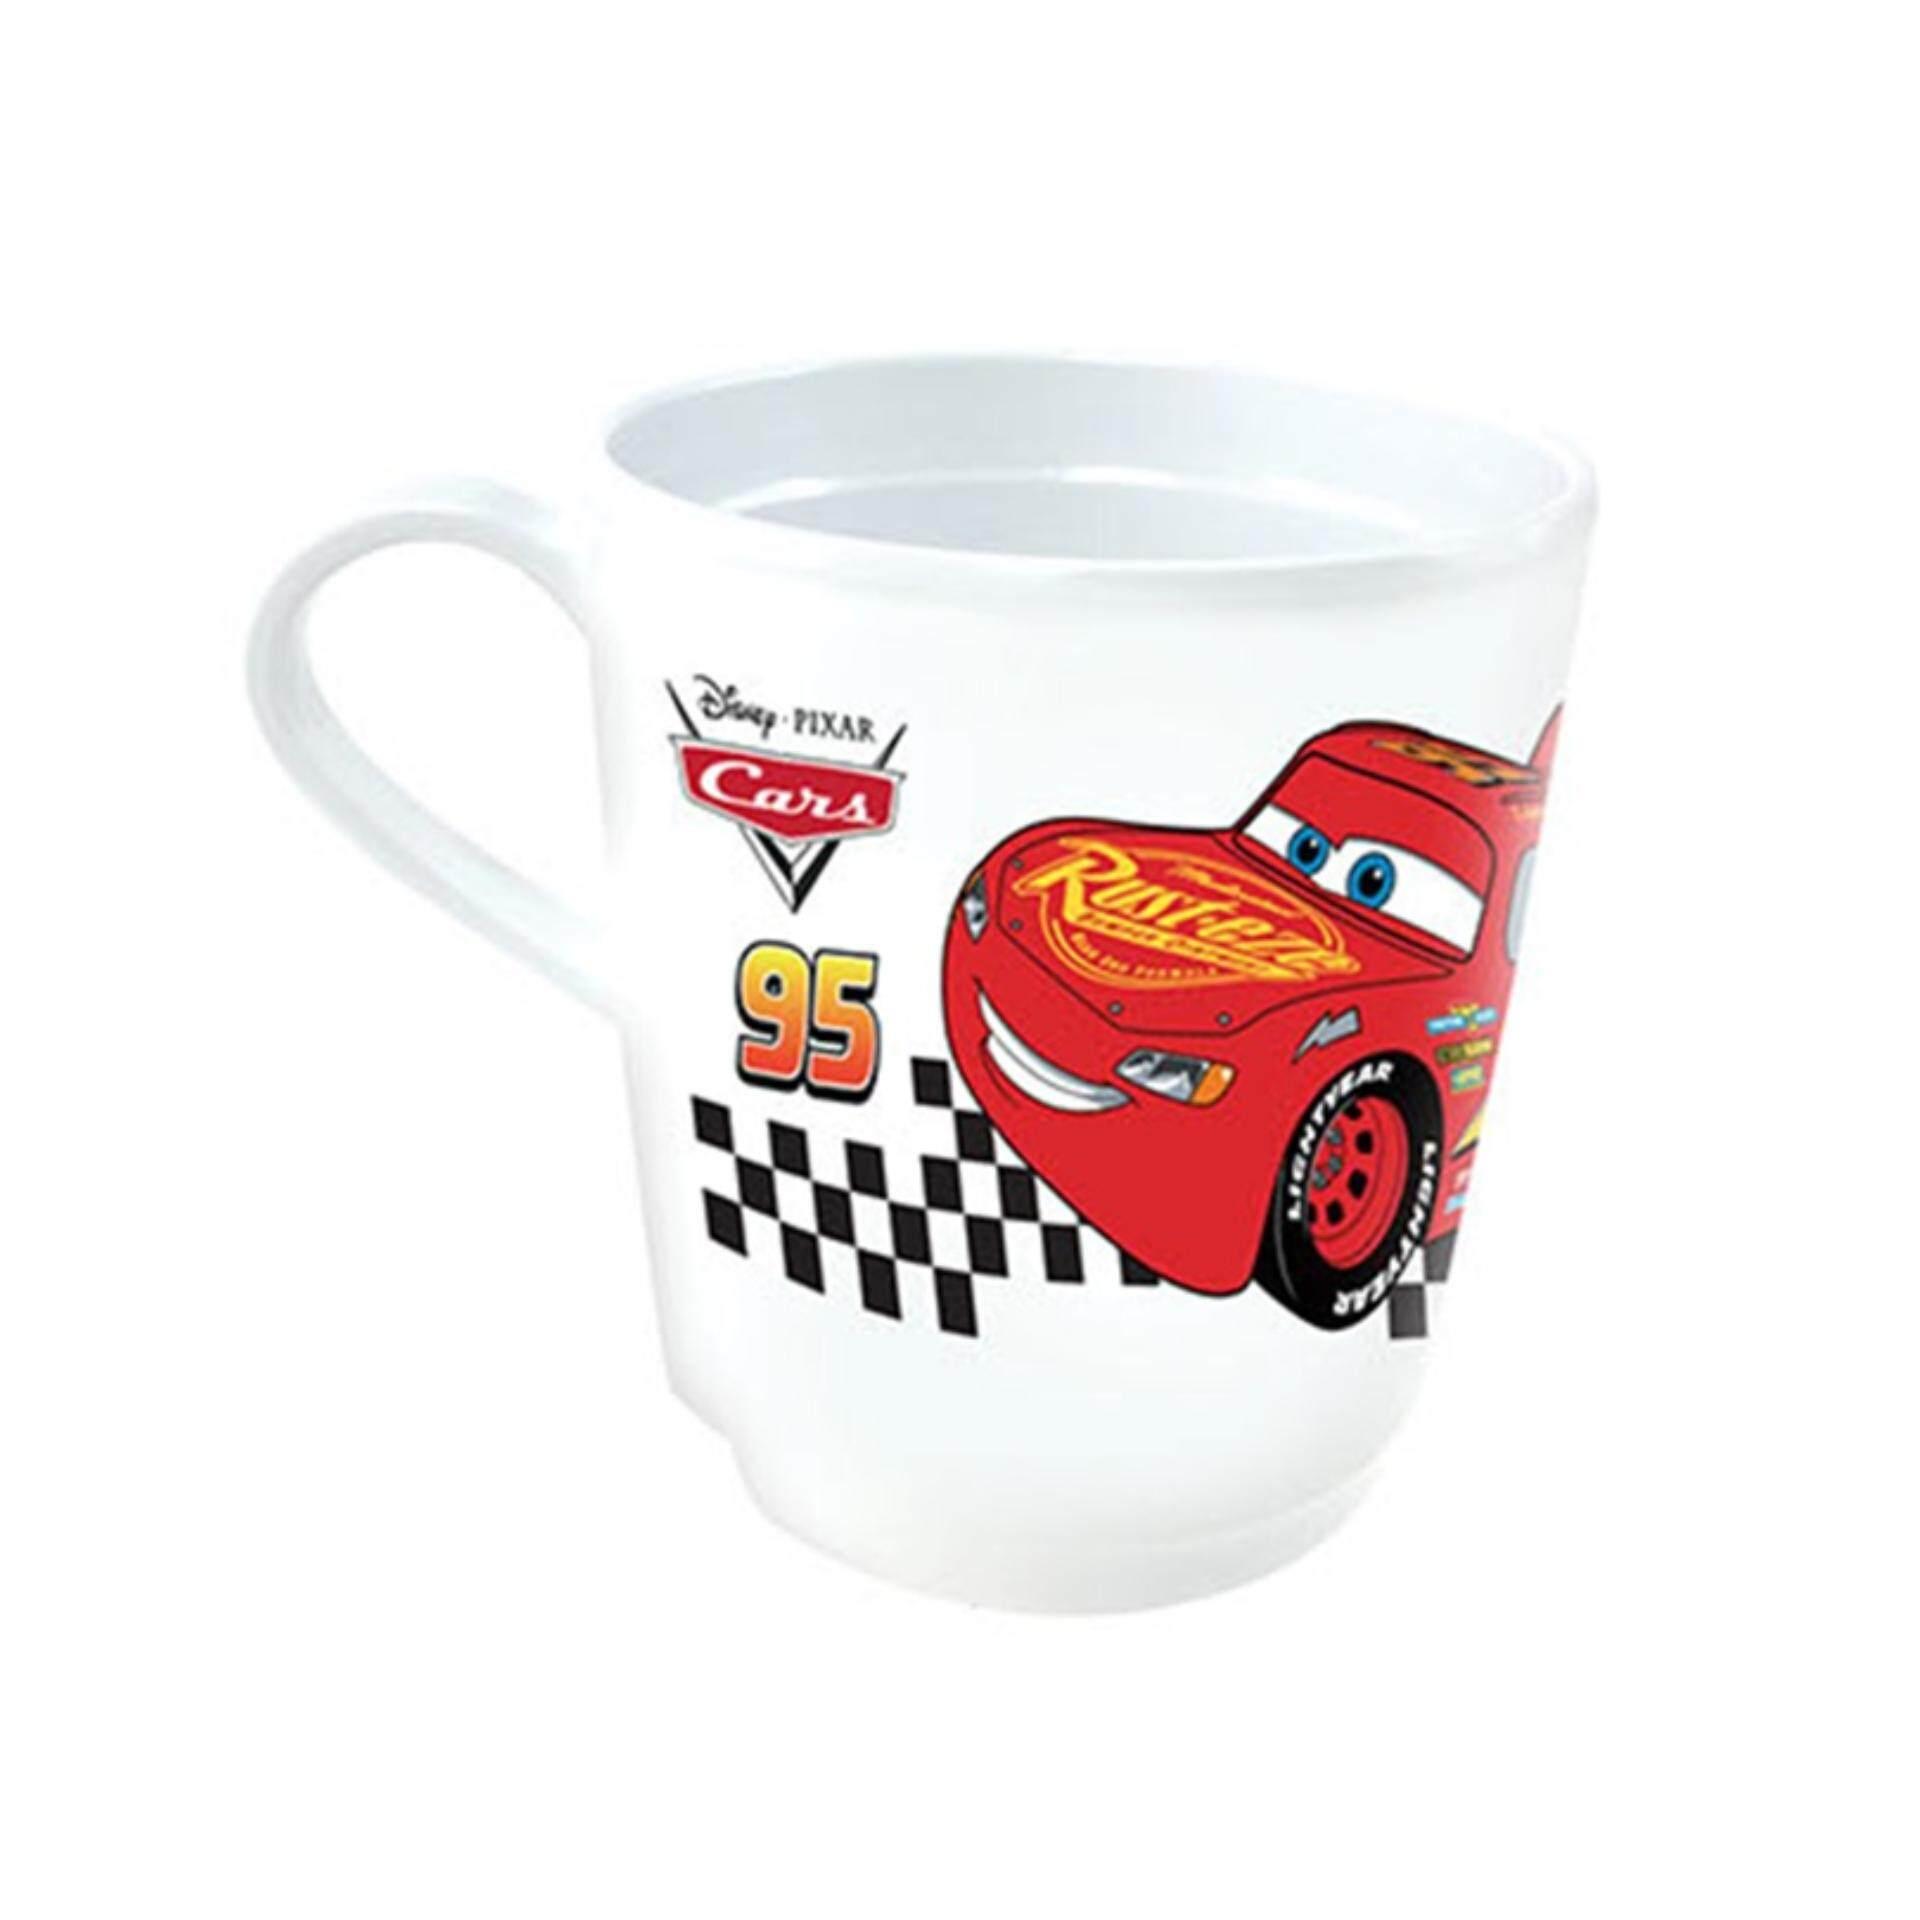 Snazzy Tea Cups Cartoon Tea Cup Images Prices Malaysia Cartoon Images Disney Pixar Car Mug Inches Colour Mugs Saucers furniture Cartoon Tea Cups